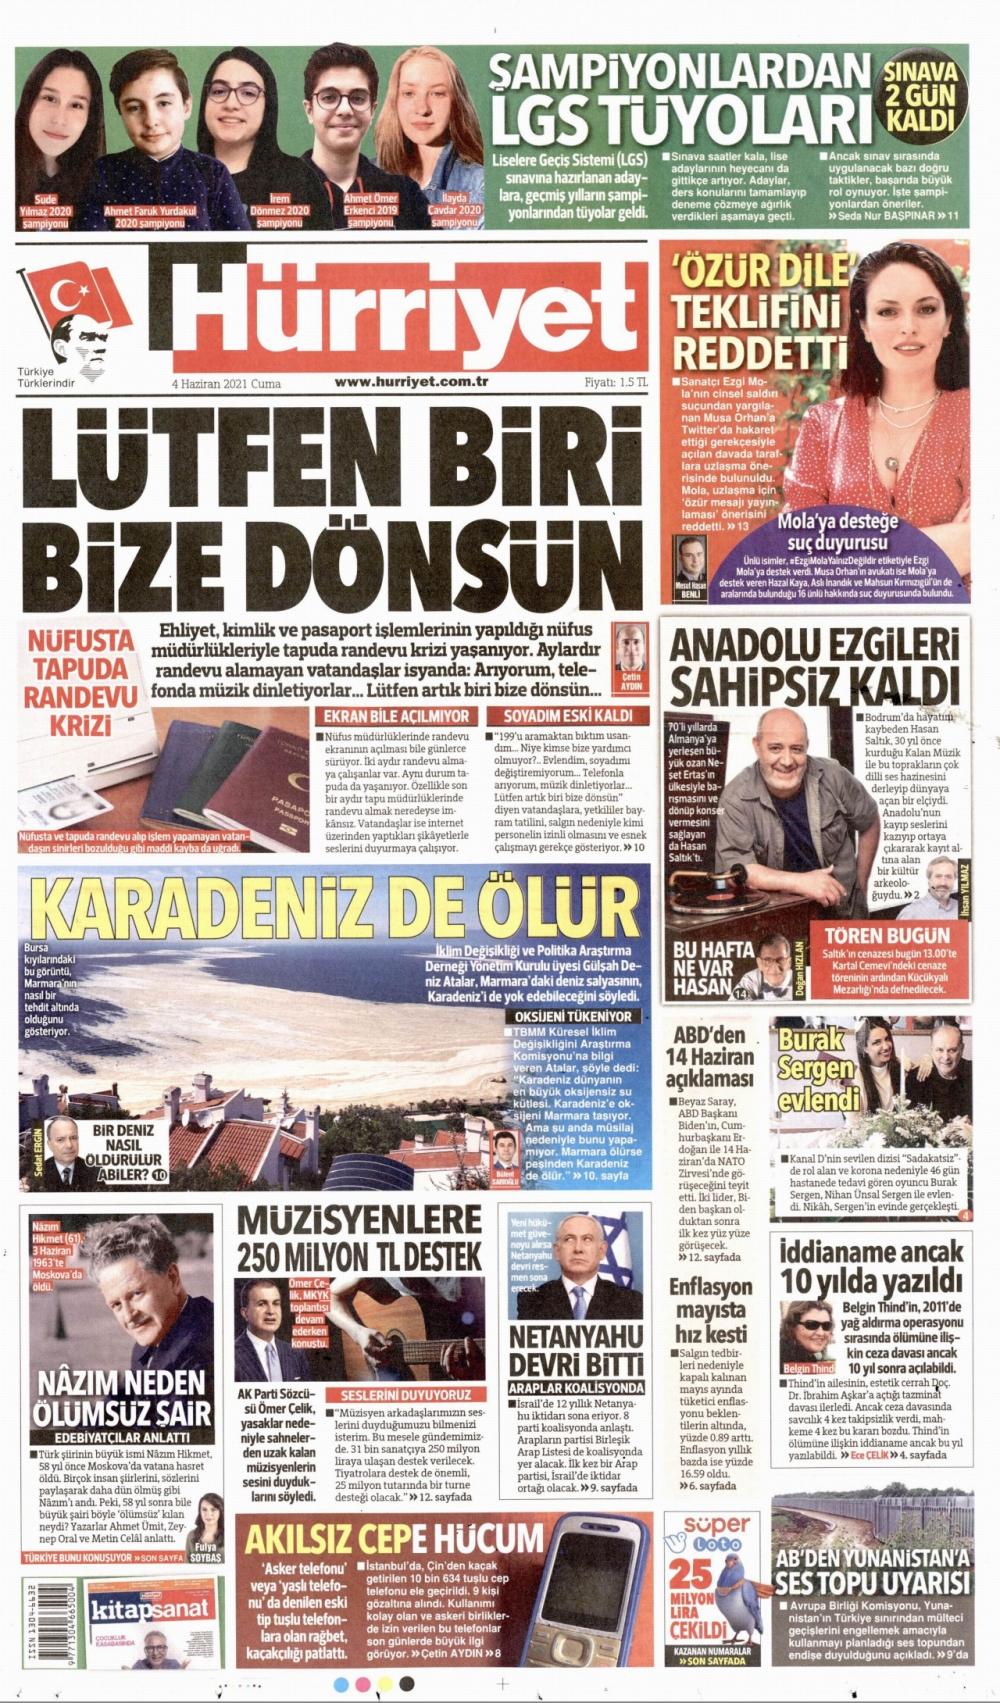 Günün Gazete Manşetleri  4 Haziran 2021 Gazeteler Ne Diyor? 1